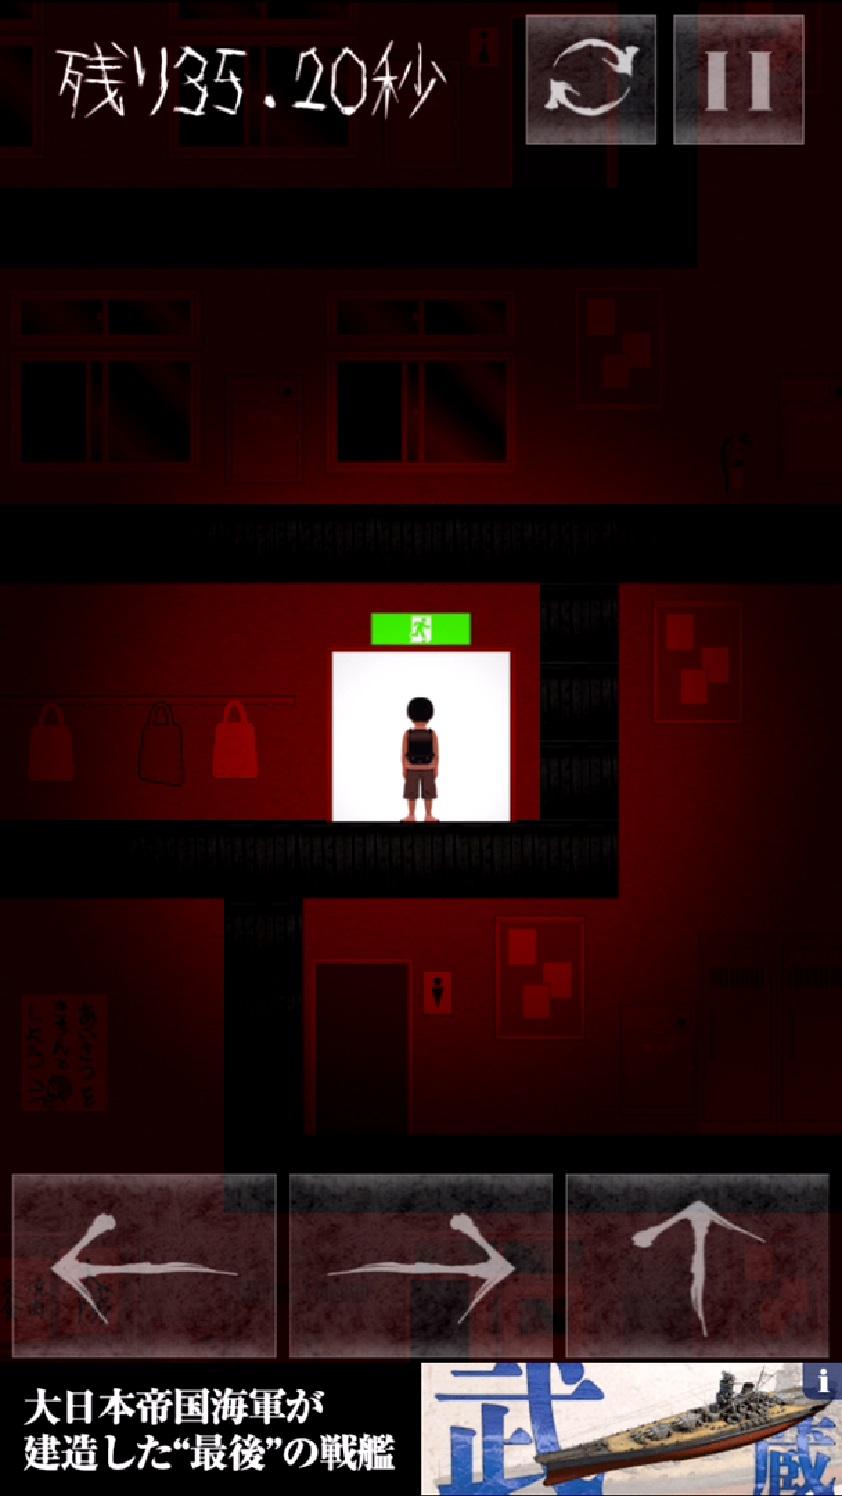 androidアプリ 夜の校舎で迷ったら・・・攻略スクリーンショット6